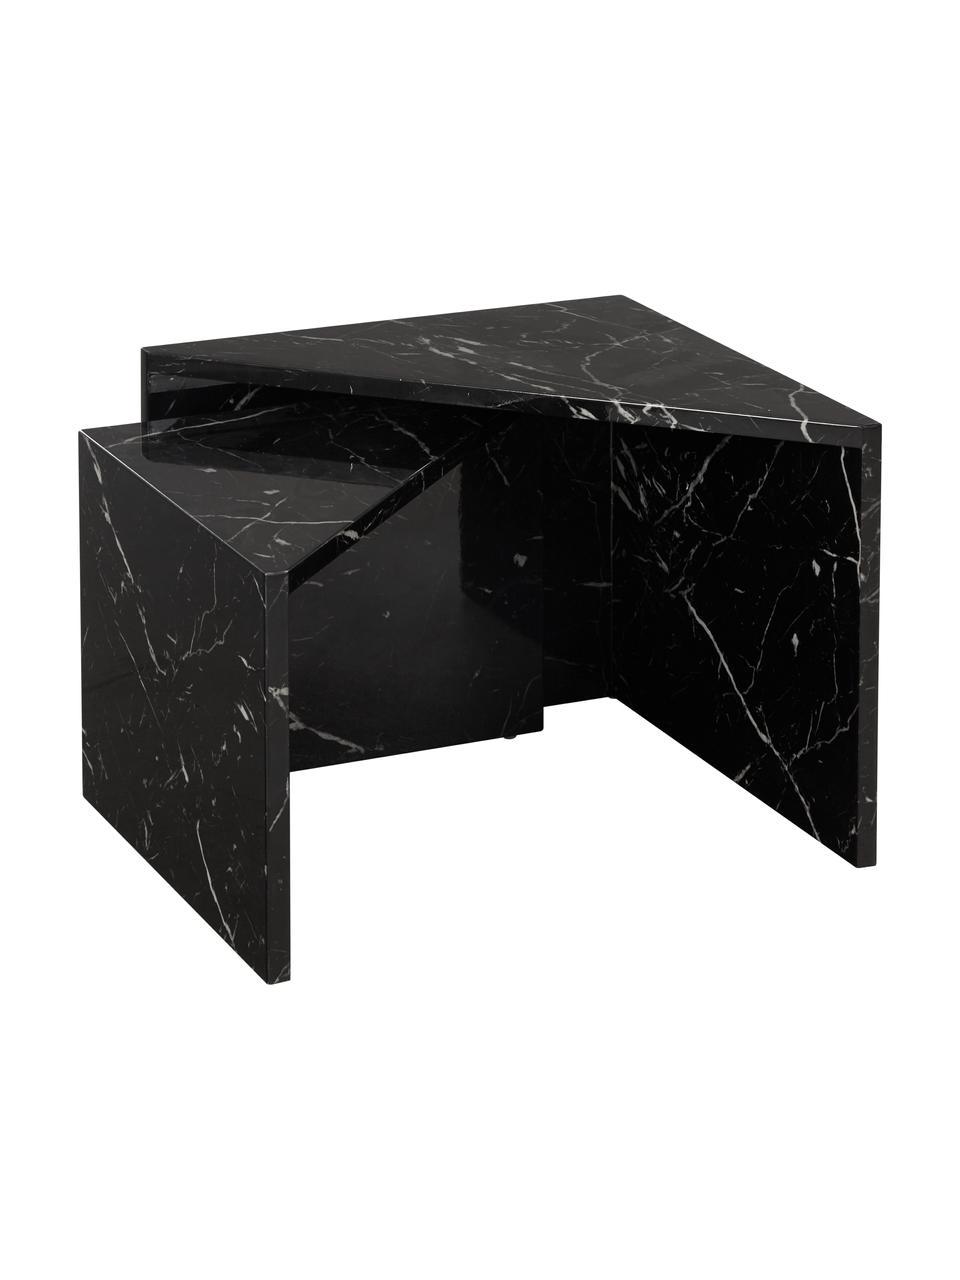 Komplet stolików kawowych z imitacji marmuru Vilma, 2 elem., Płyta pilśniowa średniej gęstości (MDF) pokryta lakierem z wzorem marmurowym, Czarny, wzór marmurowy, błyszczący, Komplet z różnymi rozmiarami